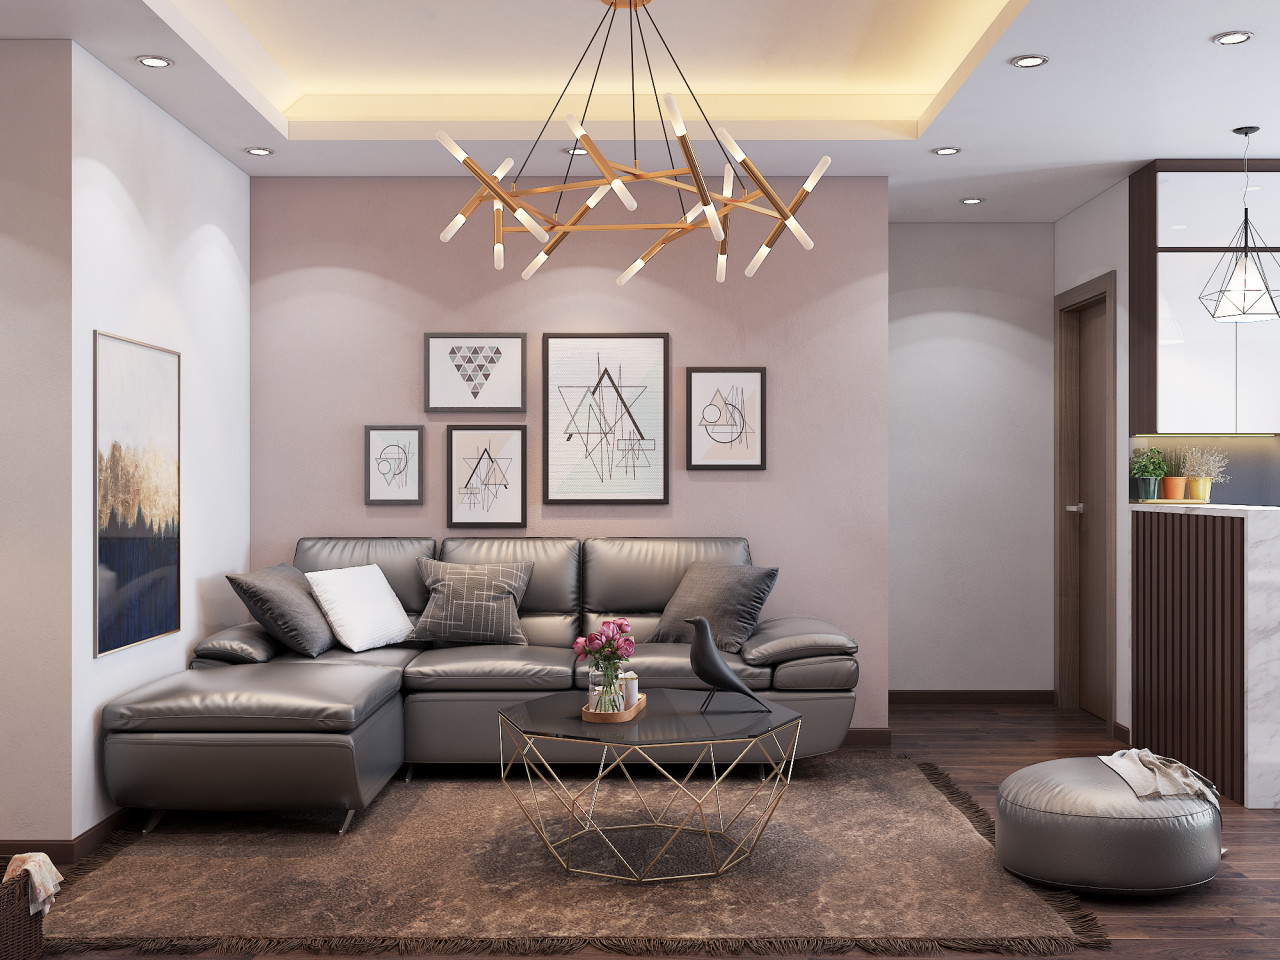 Những điều cần biết khi thuê mua chung cư 3 phòng ngủ Hà Nội